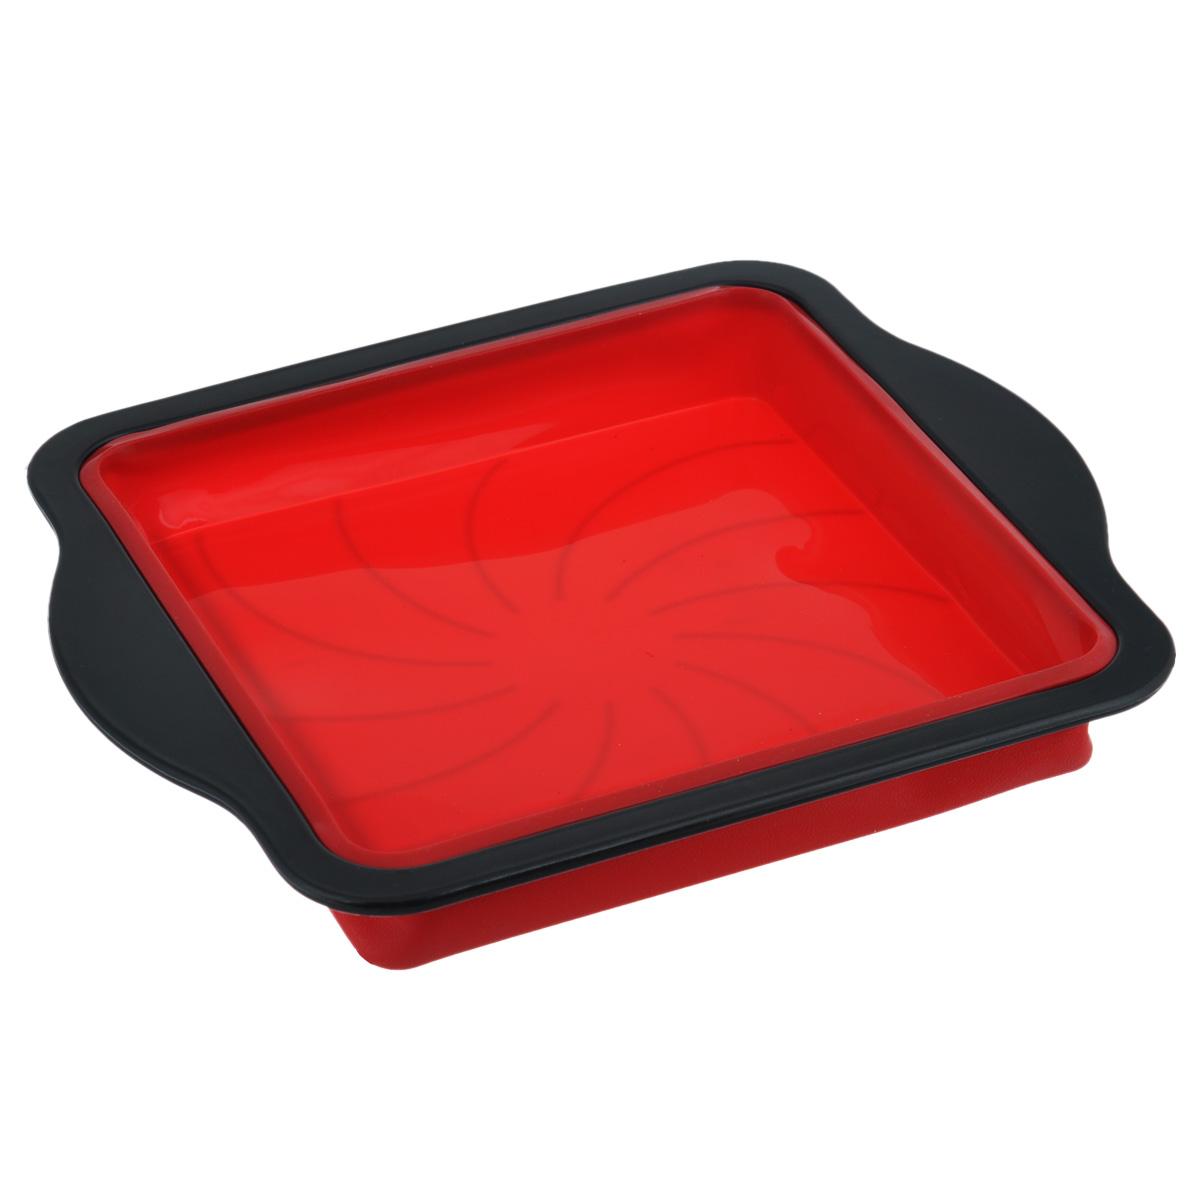 Форма для пирога Mayer & Boch, квадратная, цвет: черный, красный, 32,5 см х 28 см94672Форма для пирога Mayer & Boch изготовлена из высококачественного пищевого силикона. Благодаря пластиковому ободу с удобными ручками изделие легко вынимать из духовки. Форма идеально подходит для приготовления пирогов и других блюд. Выдерживает температуру до +230°C.Форма для запекания Mayer & Boch подходит для приготовления блюд в духовке. Можно мыть в посудомоечной машине.Размер формы (с учетом ручек): 32,5 см х 28 см.Высота стенки: 4 см.